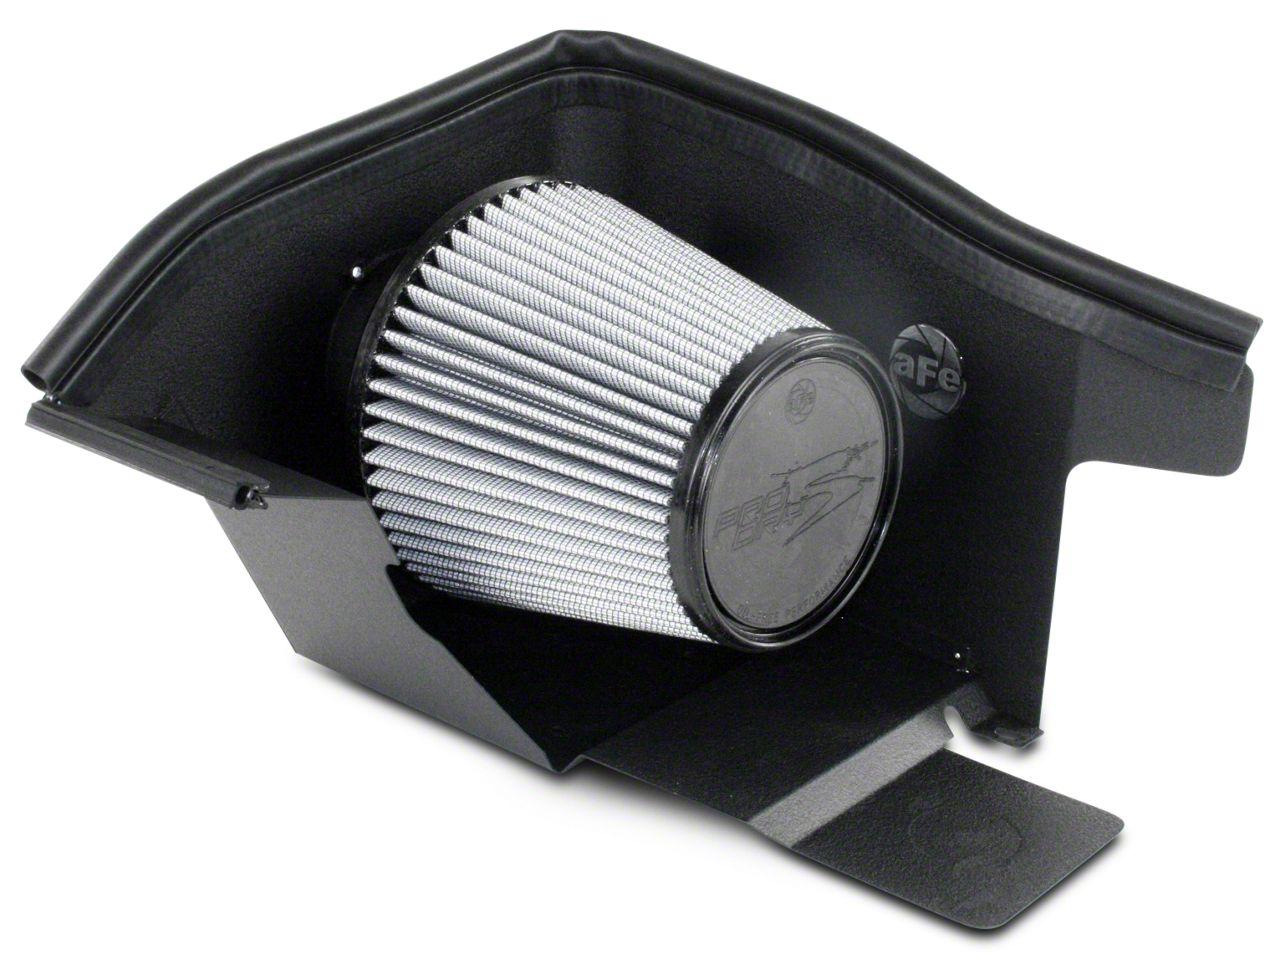 AFE Magnum FORCE Stage 1 Pro DRY S Cold Air Intake - Black (99-03 F-150 Lightning; 02-03 F-150 Harley Davidson)